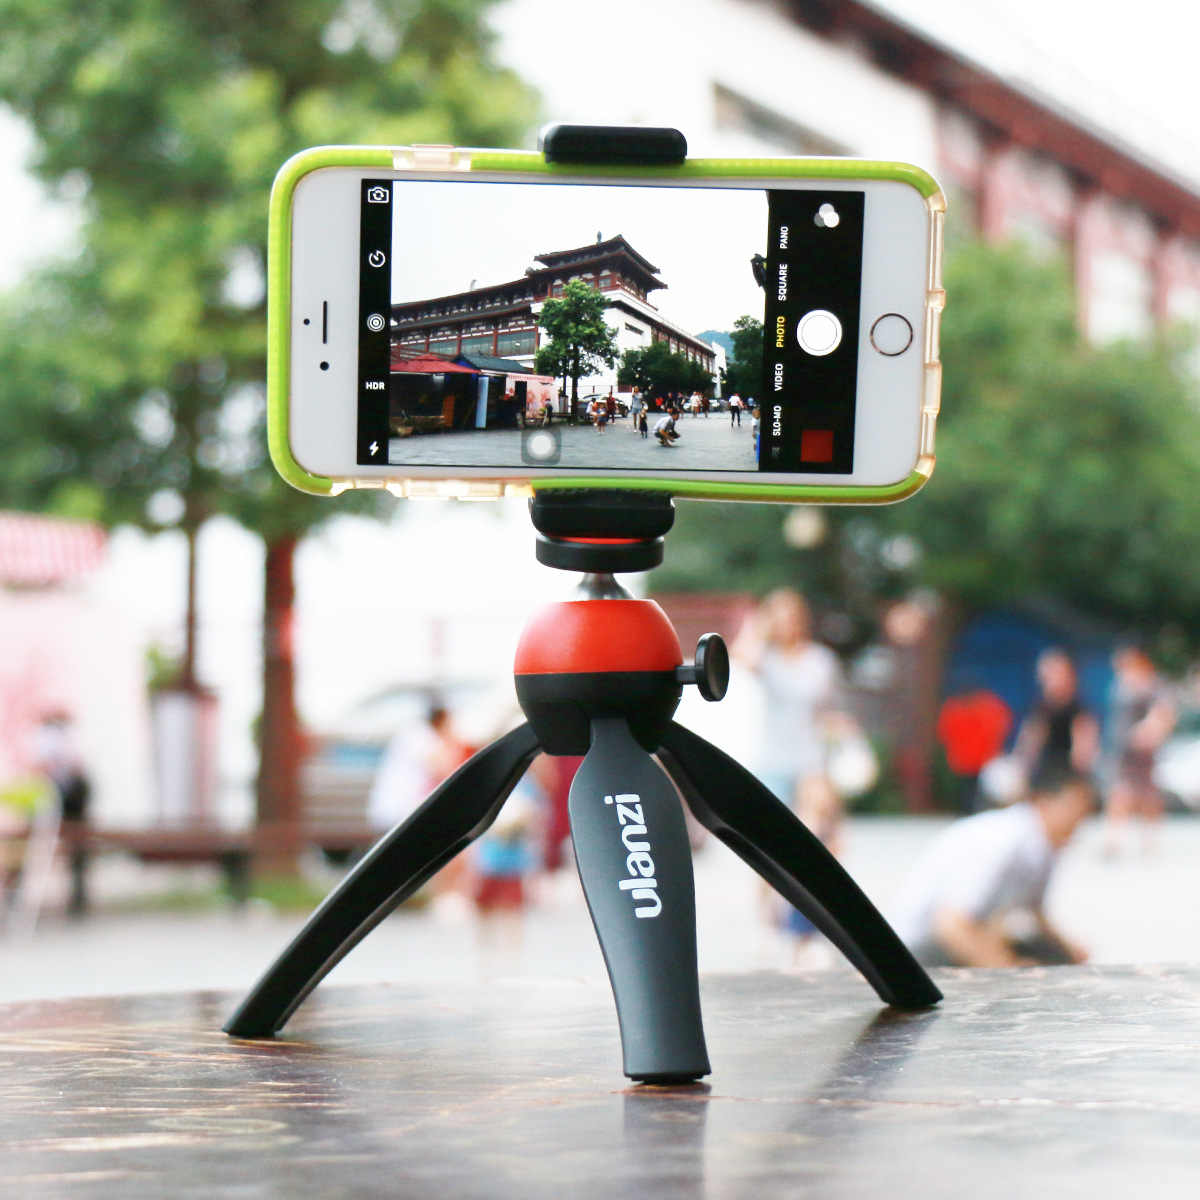 Bởi ĐHG 20 Mini Chân Máy Có Giá Đỡ Gắn/Chụp Hình Selfie Di Động Máy Ảnh Để Bàn Chân Máy Cho Iphone Sony Di Động Samsung điện Thoại